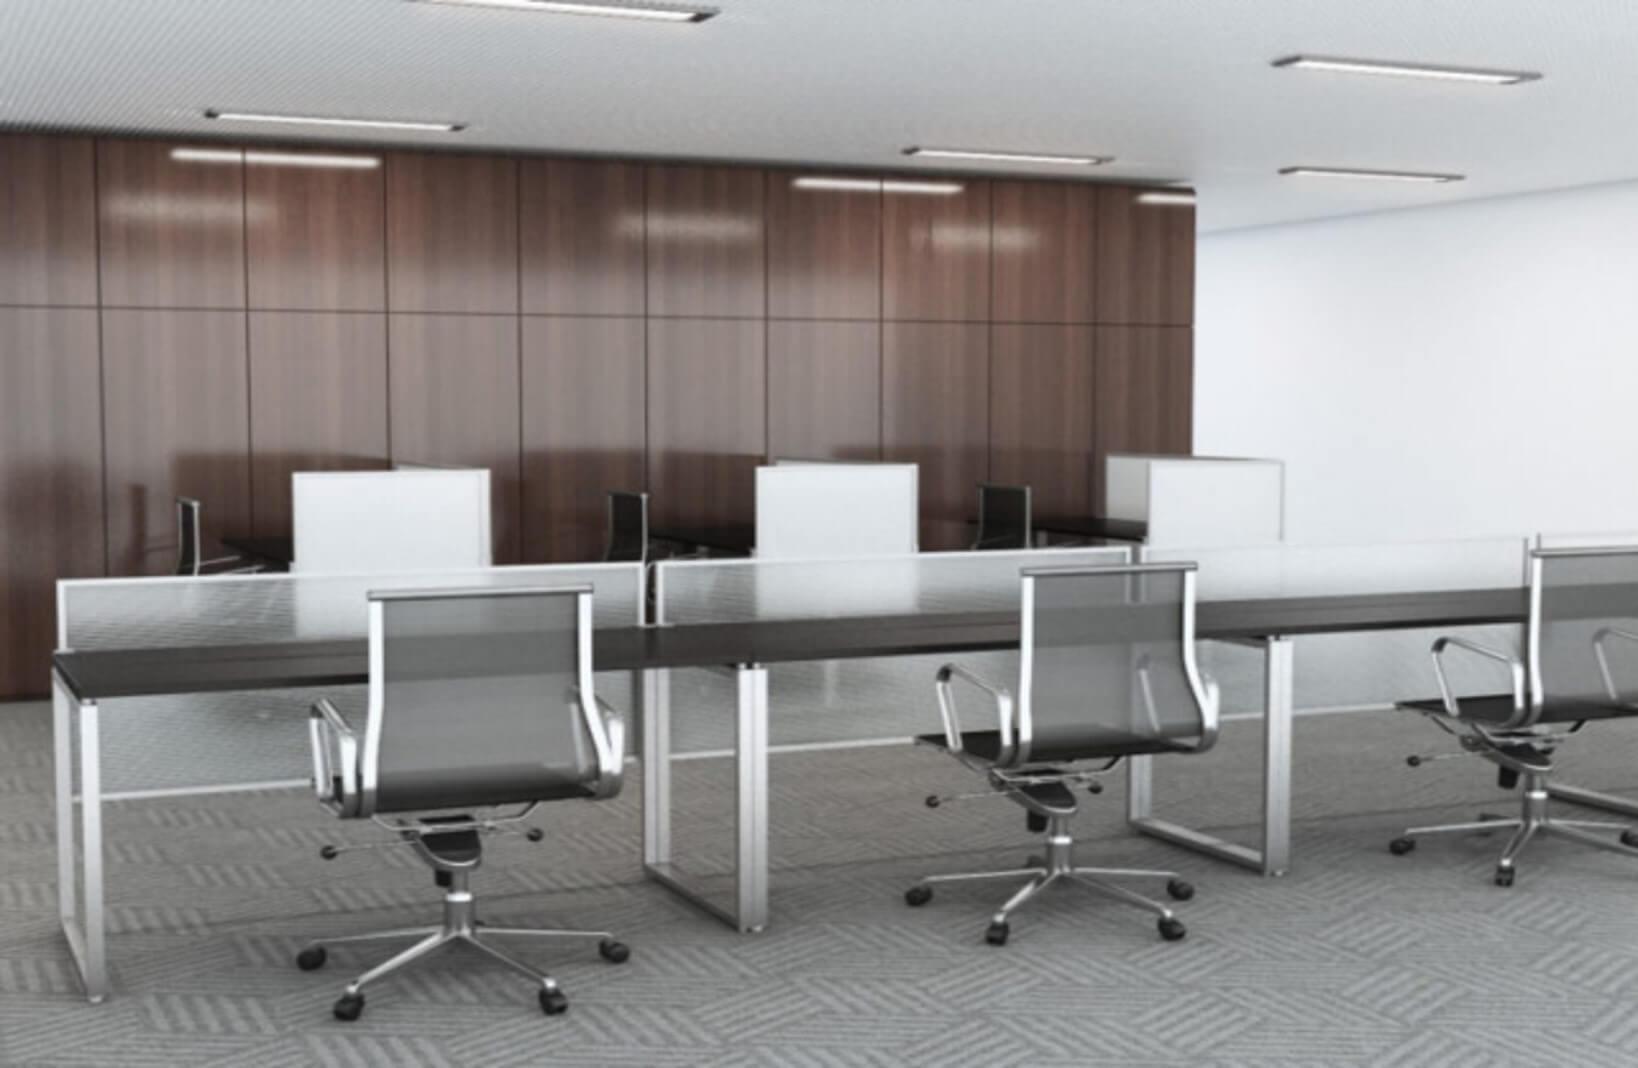 office devider. Office Divider Panels Environmental 1 2 Devider